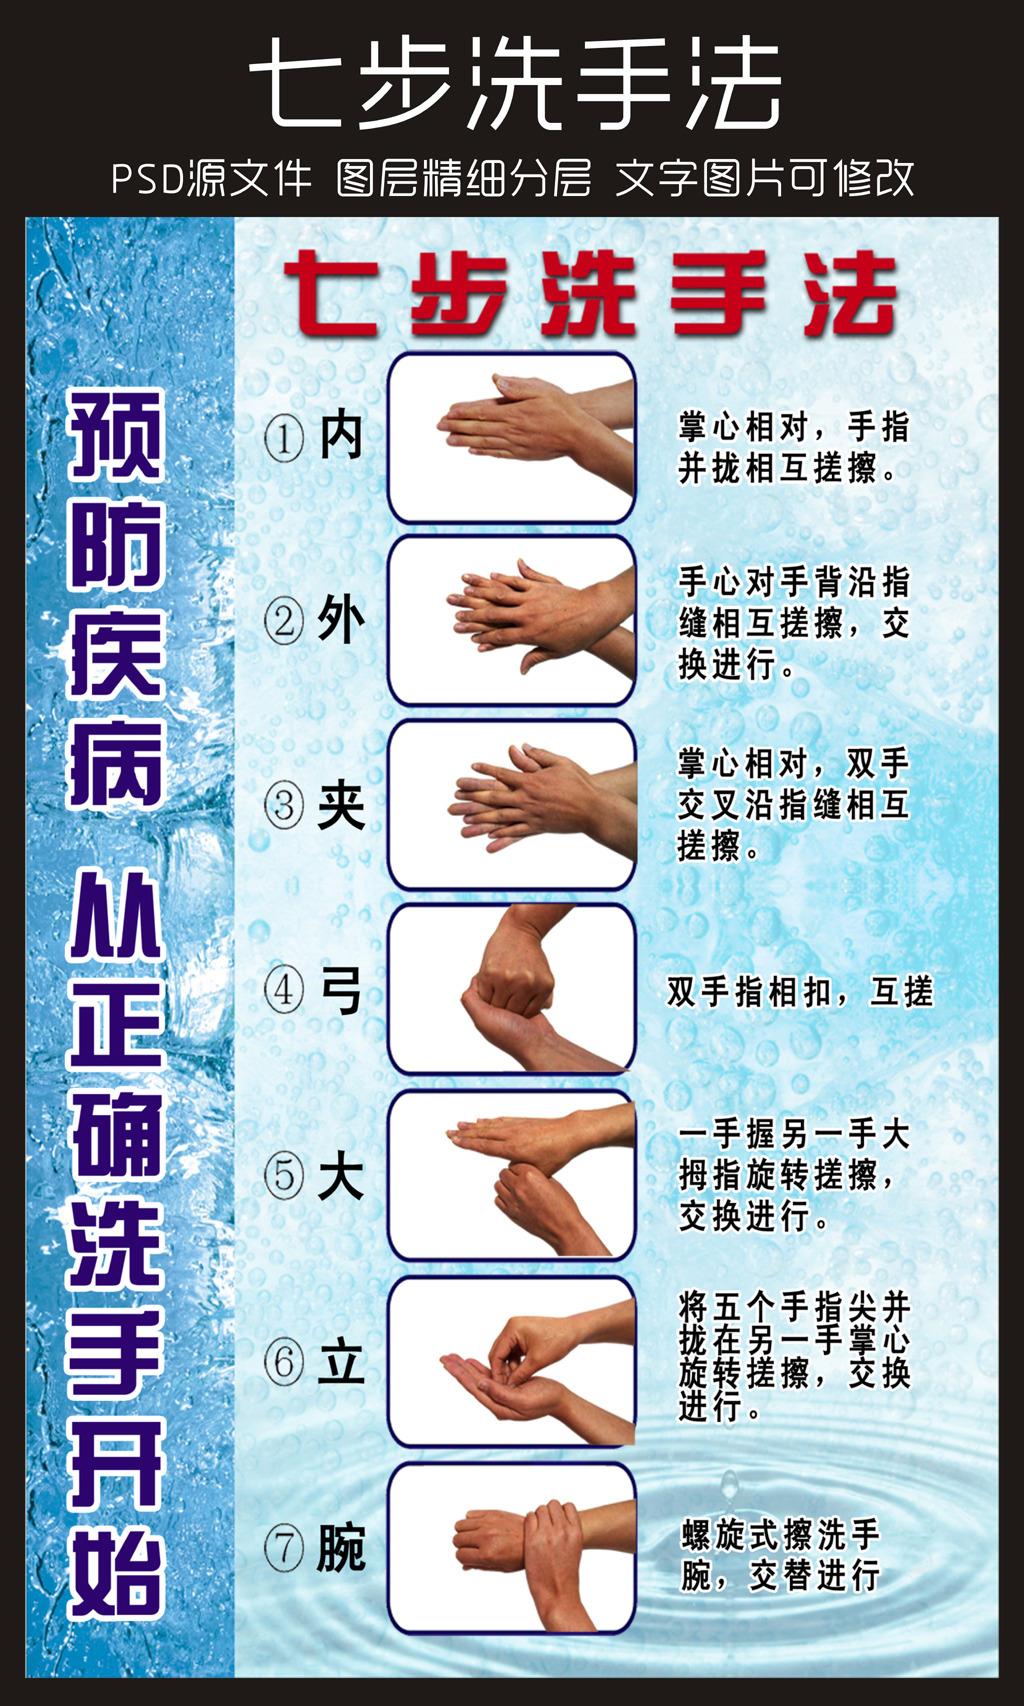 七步洗手法